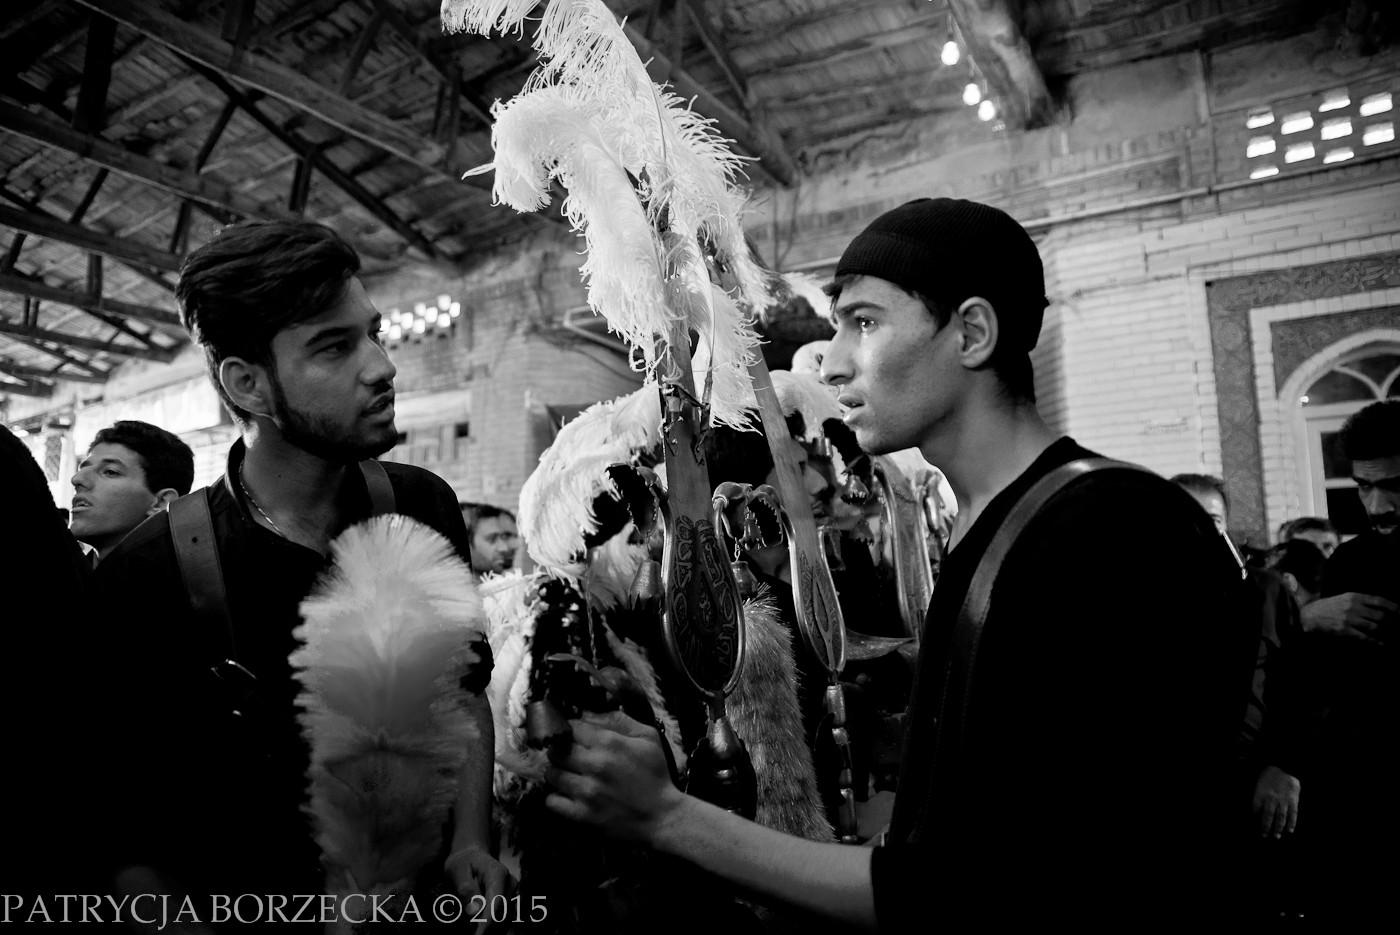 PatrycjaBorzecka-photo-Muharram10